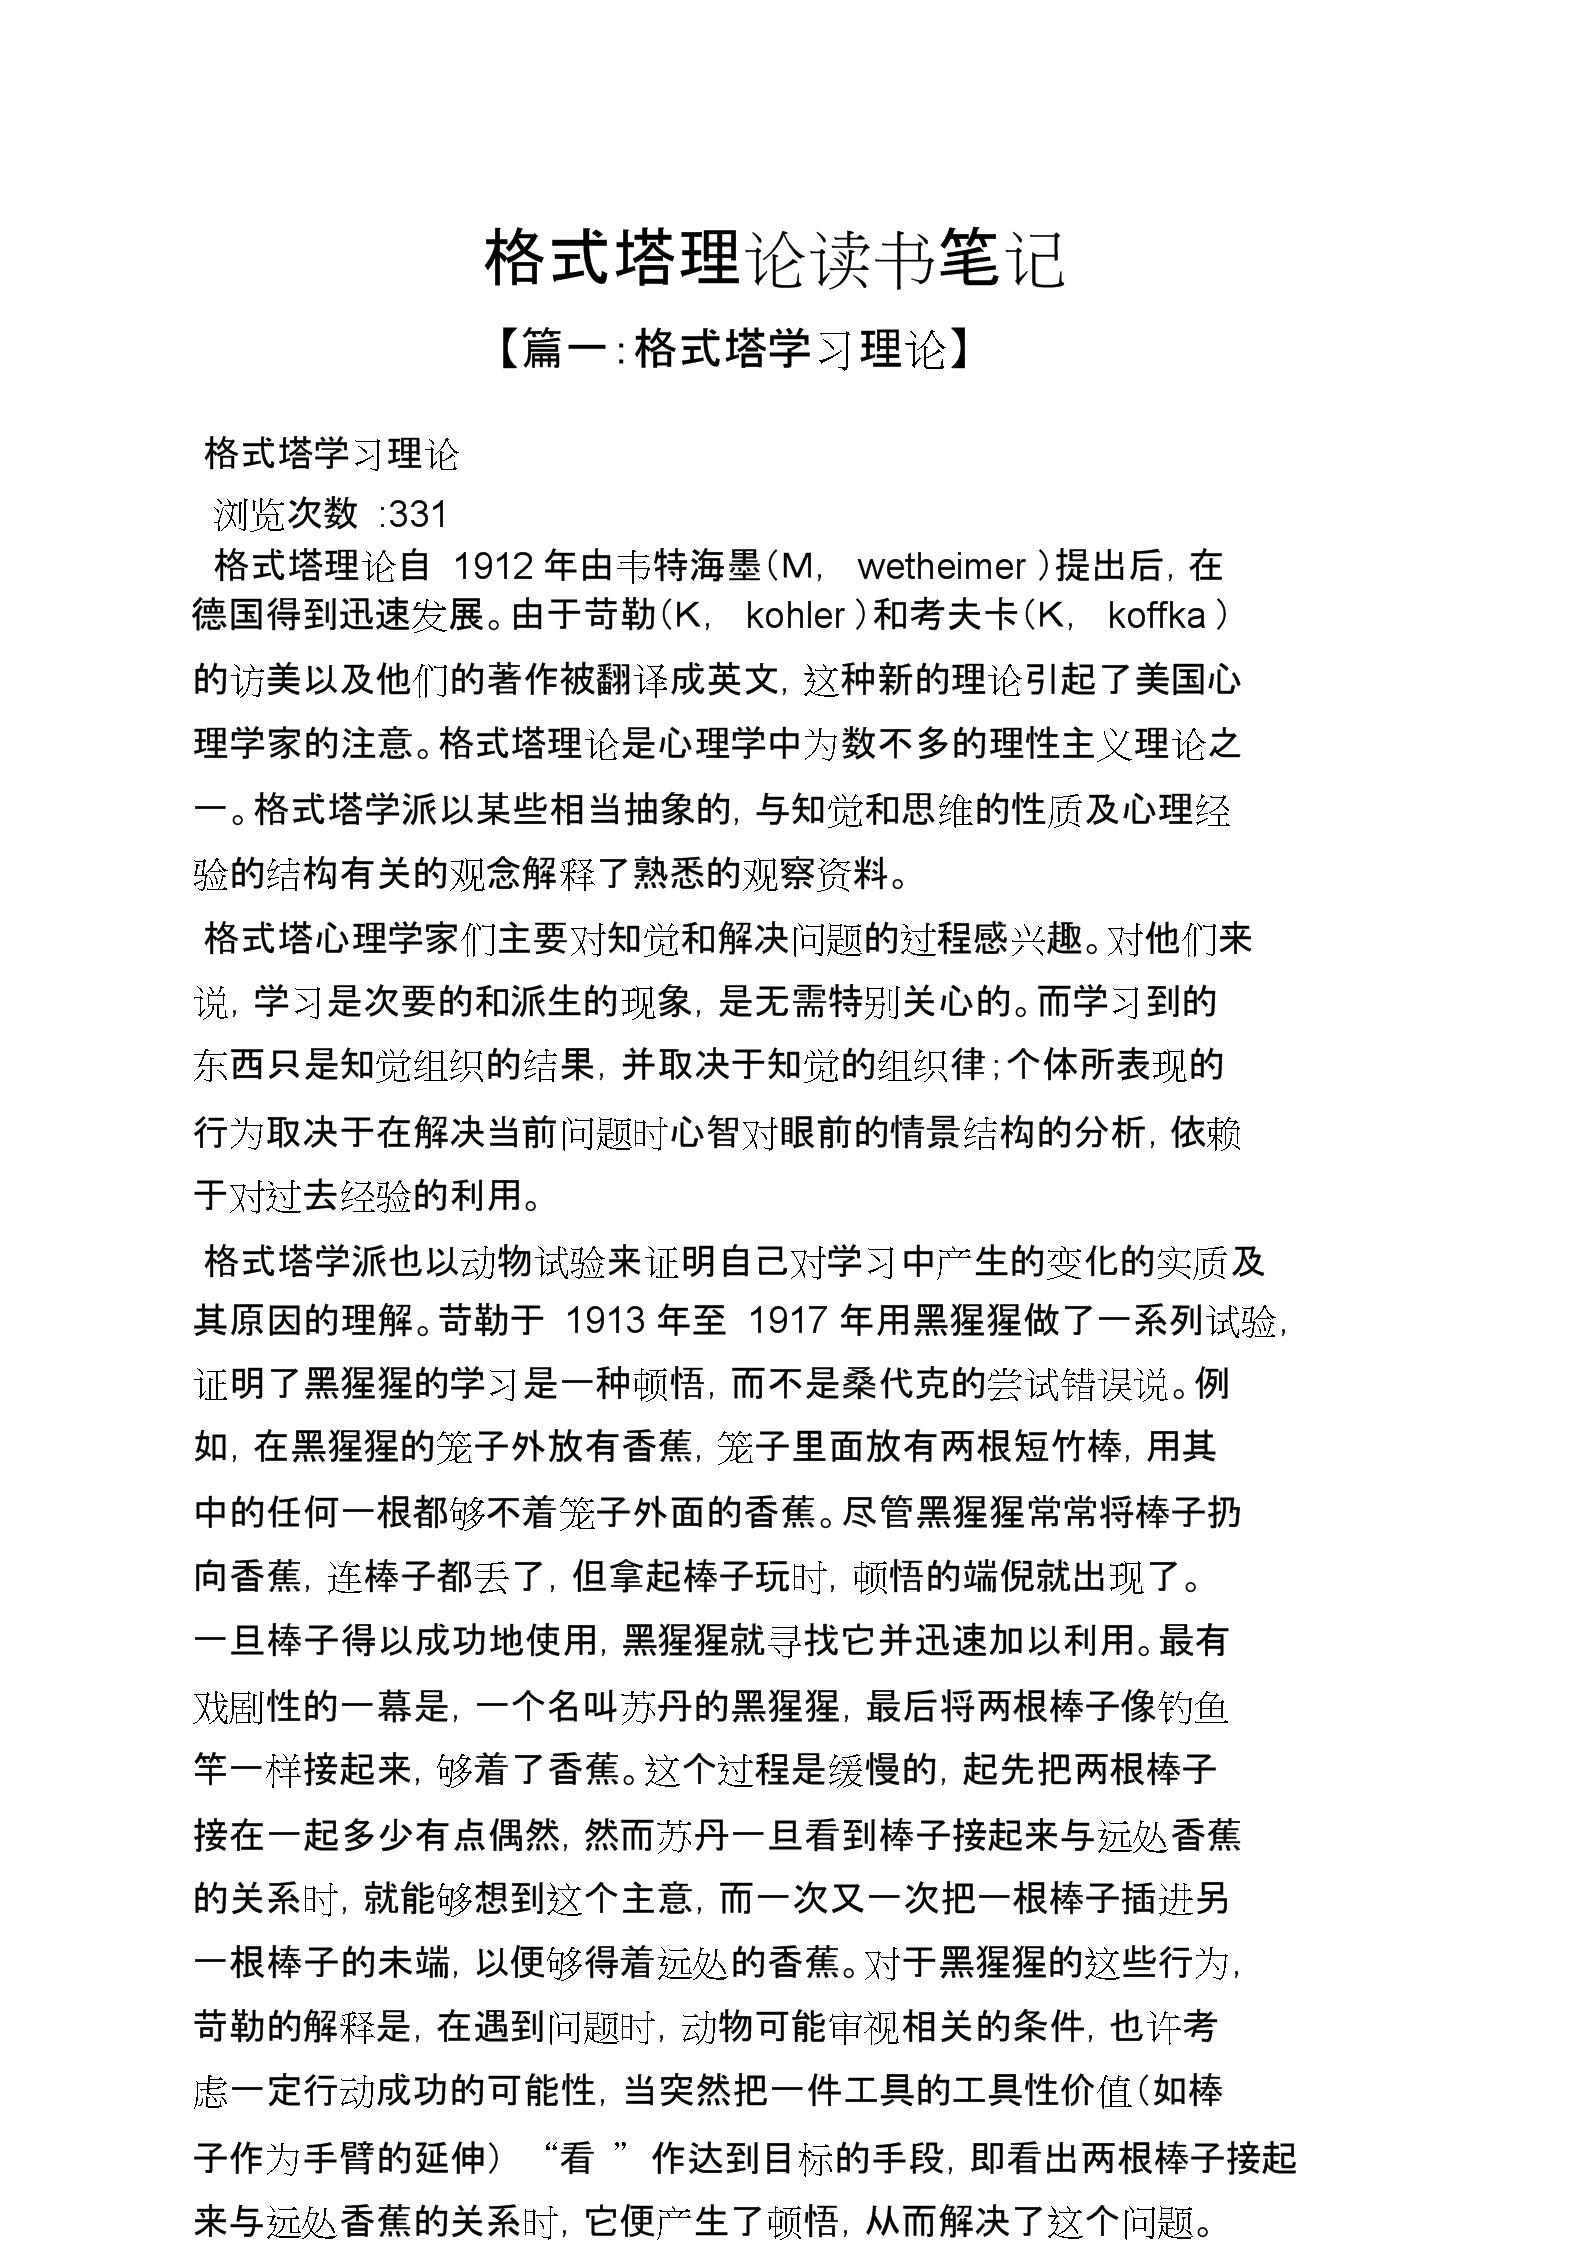 格式塔理论读书笔记.doc